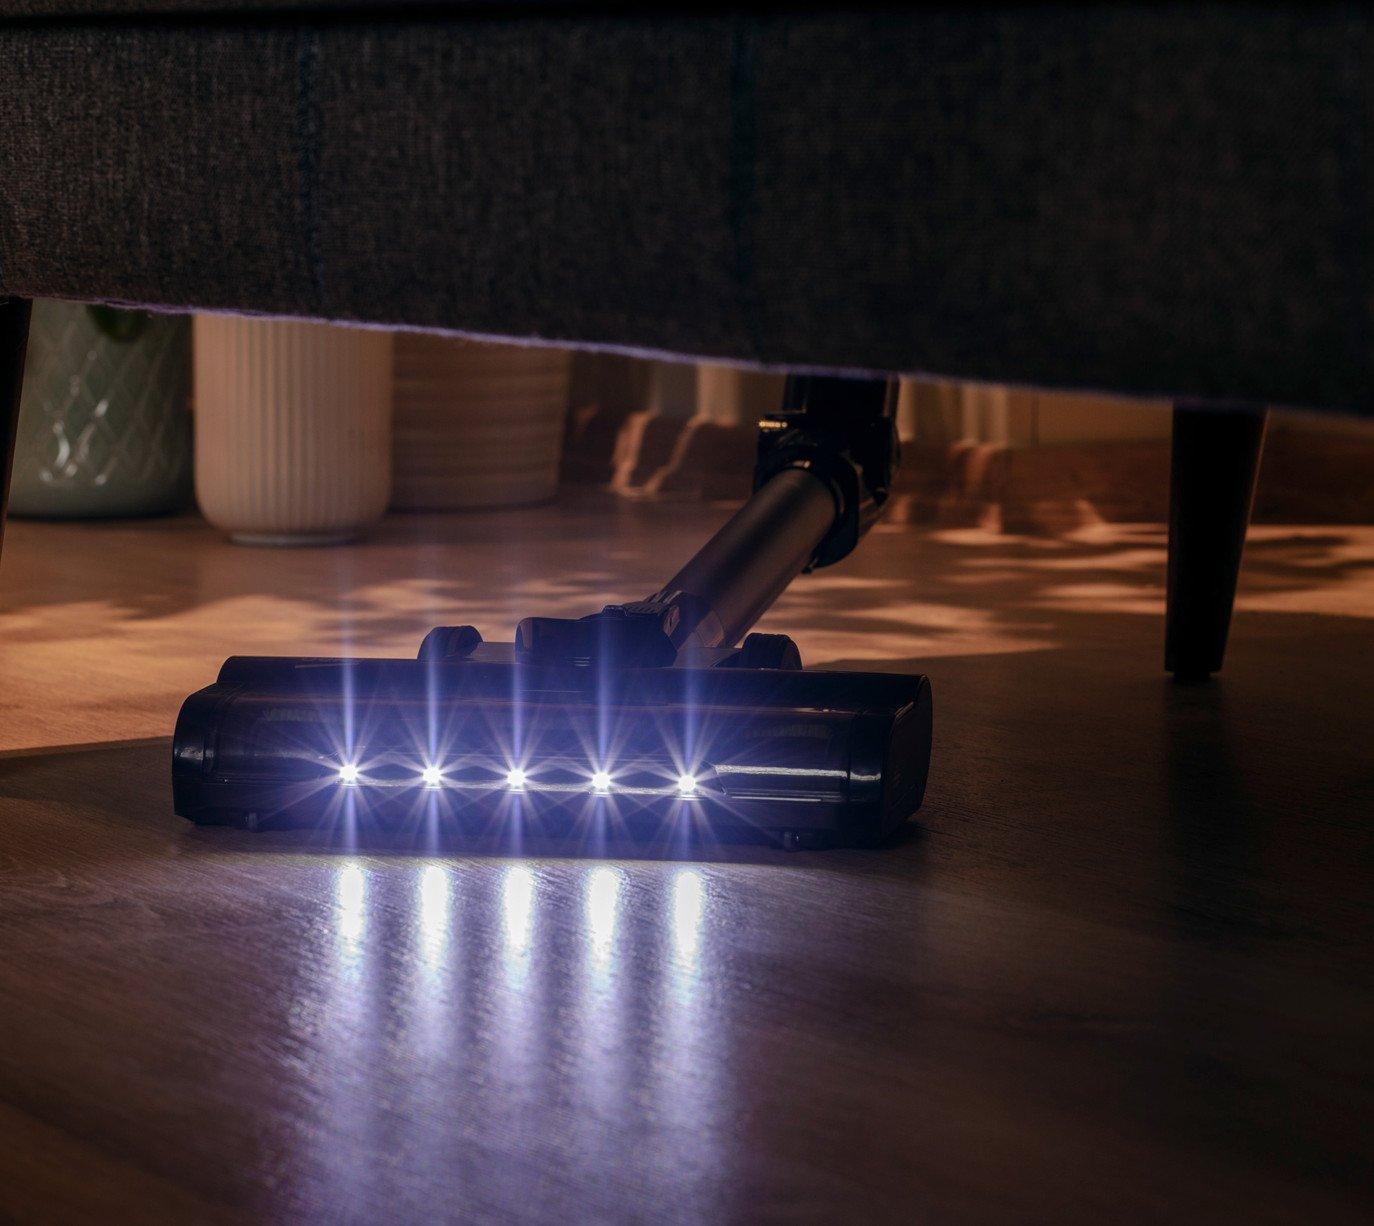 LED Lit Nozzle